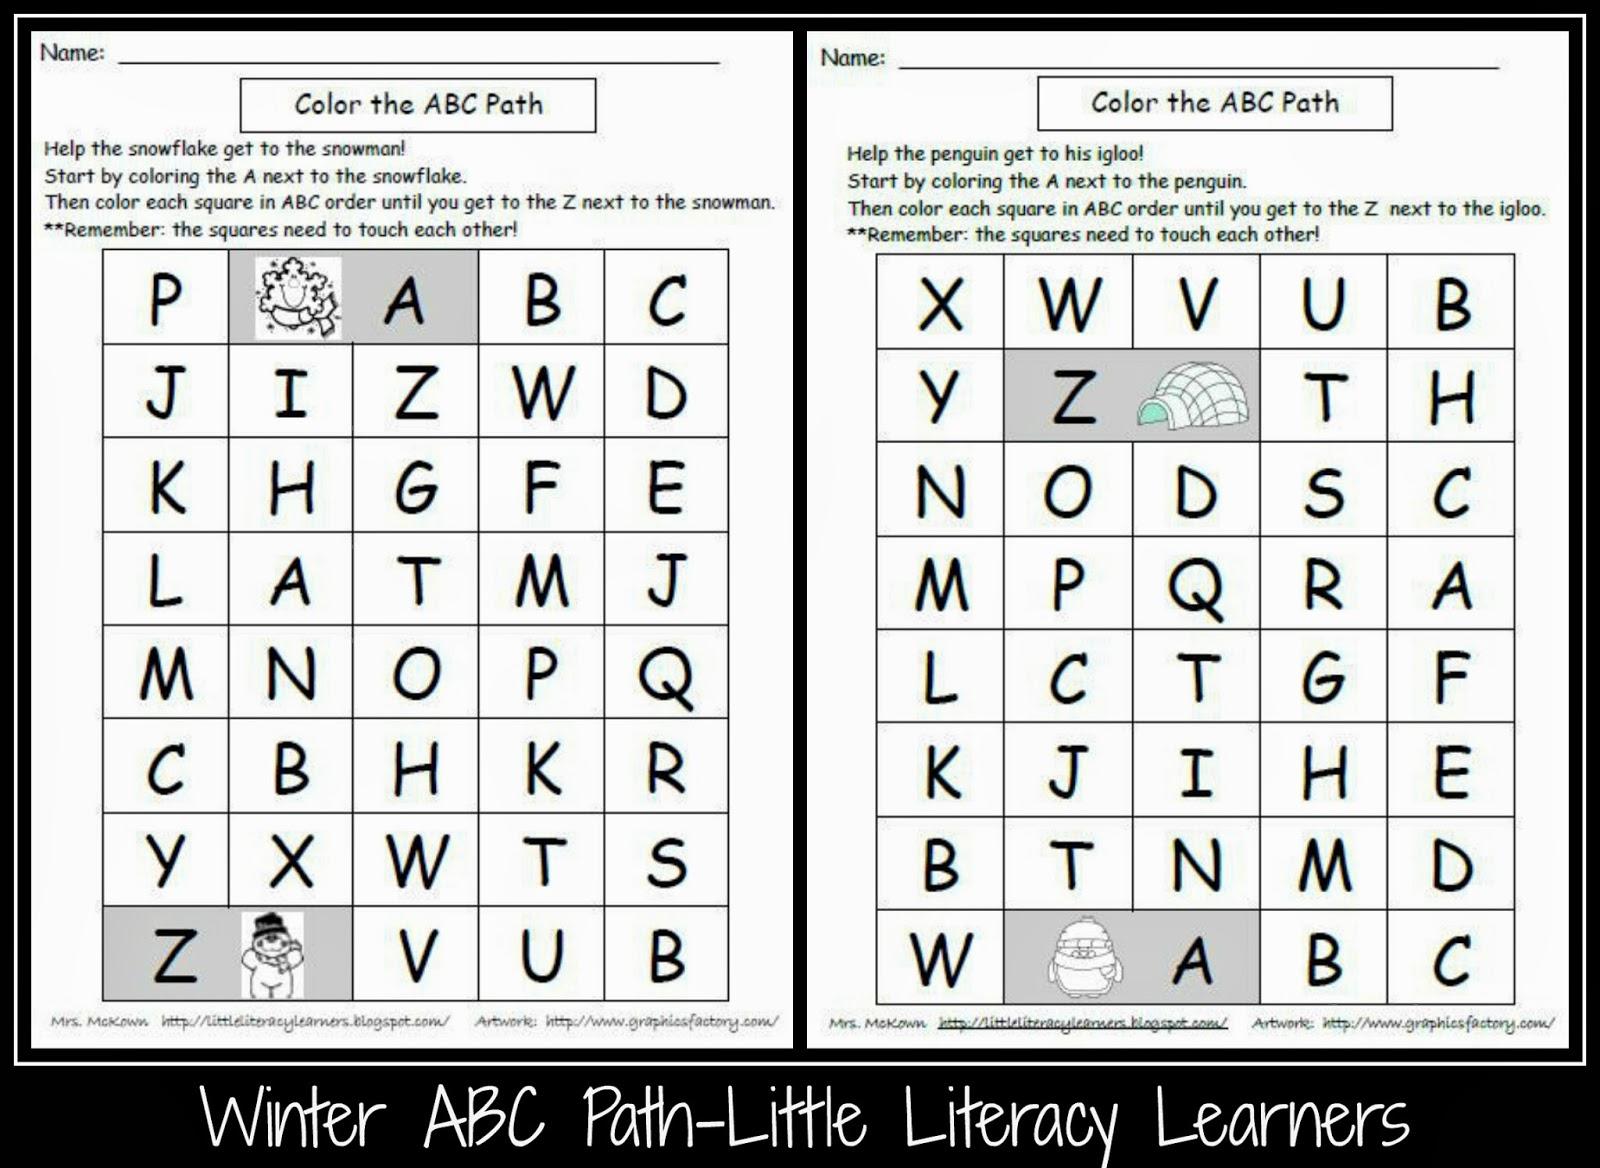 Little Literacy Learners Upper Case Letter Identification